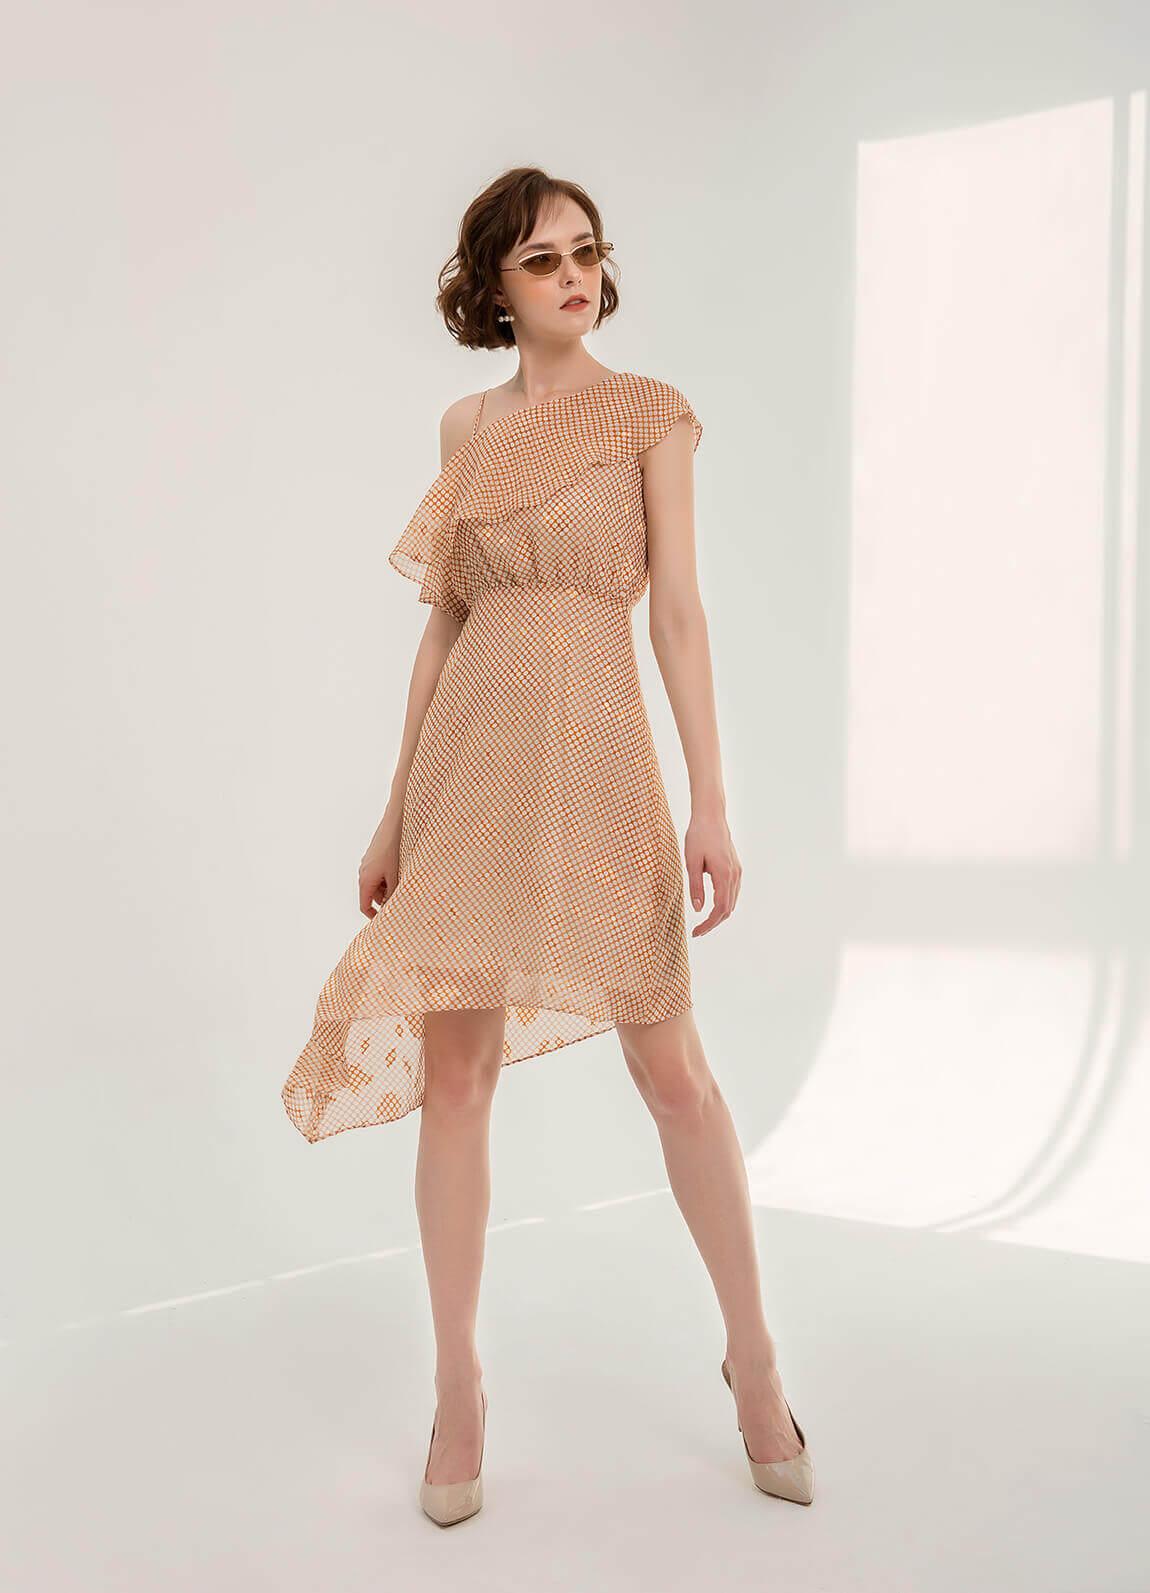 Mệnh thổ hợp với màu gì,mệnh thổ hợp với màu nào,mệnh thổ mặc màu gì hợp,mệnh thổ hợp với màu gì nhất,mệnh thổ mặc gì hợp nhất,cách chọn quần áo cho người mệnh thổ hợp phong thủy,cách chọn váy đầm cho người mệnh thổ,cách chọn đồ hợp mệnh thổ